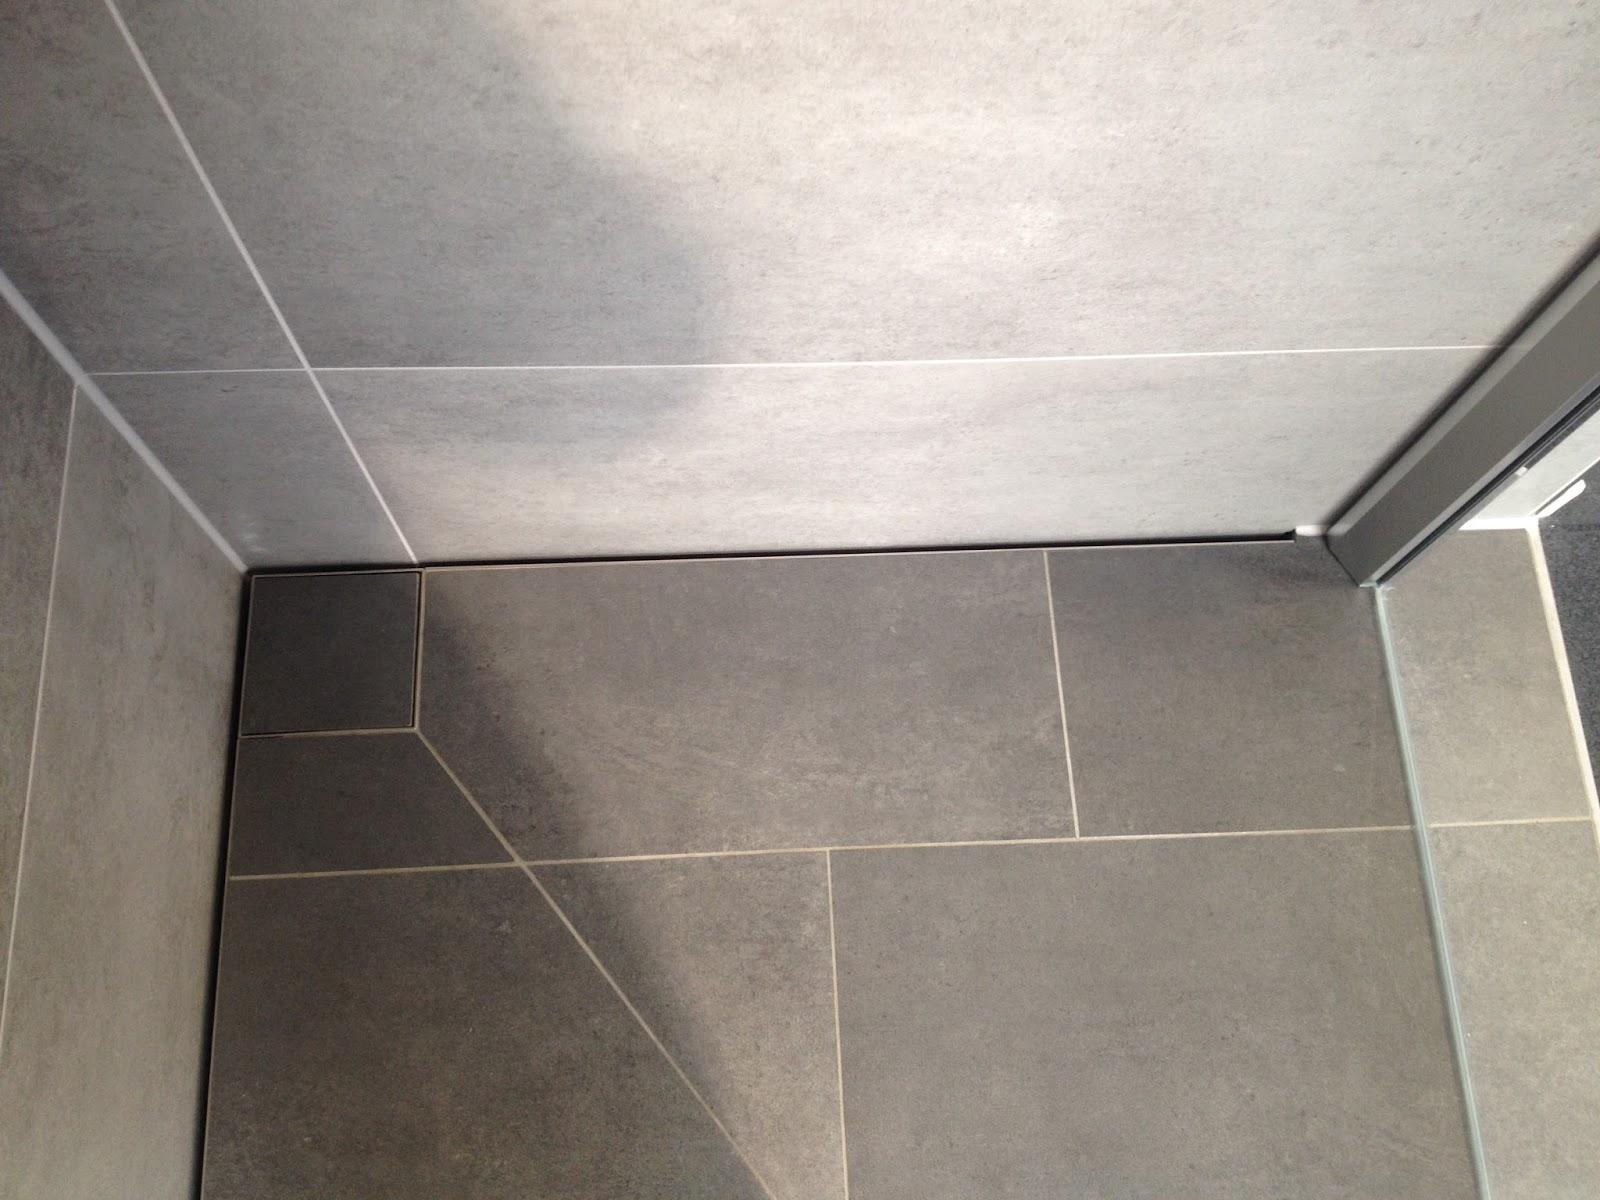 Duscharmatur Hansa : Unsere bodengleiche Dusche, 100x150 erhält nur ...